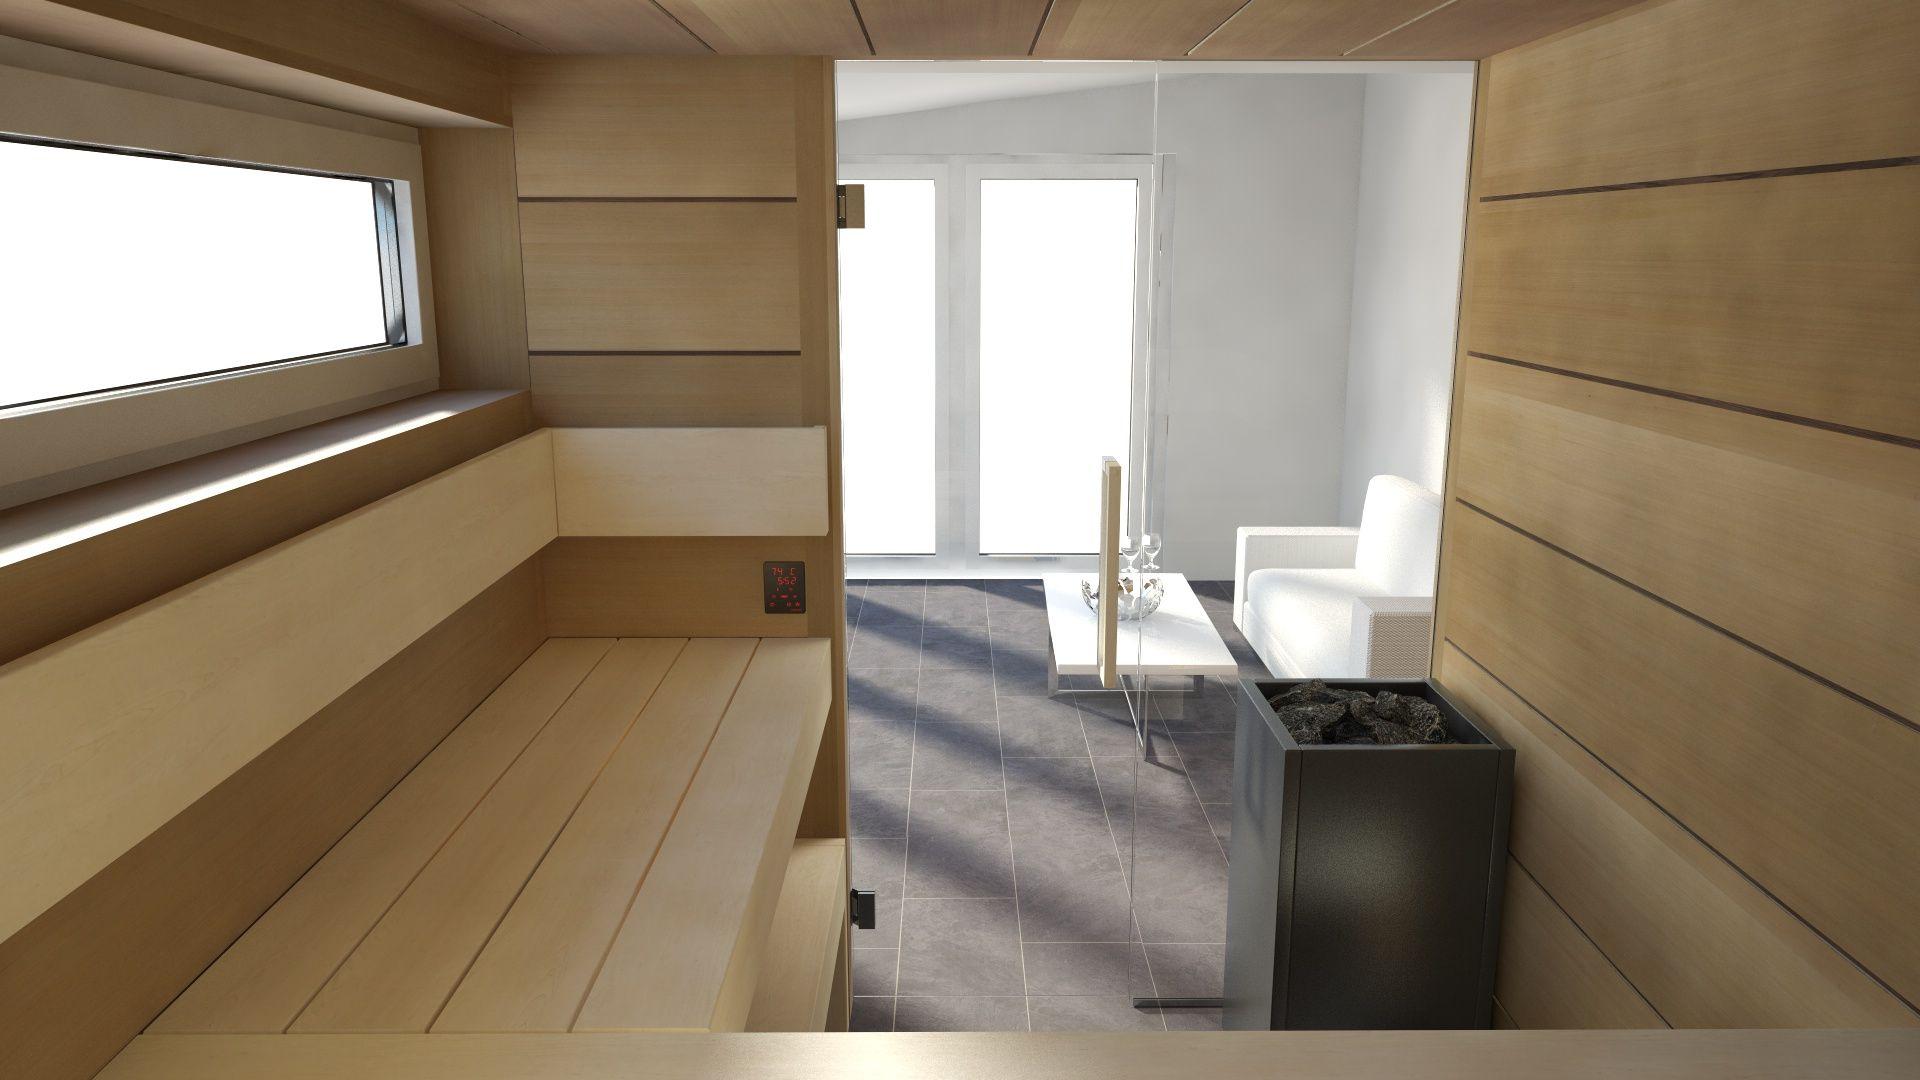 Sauna nach Maß / für Kunden geplant / Bio Sauna / Harvia Ofen ...